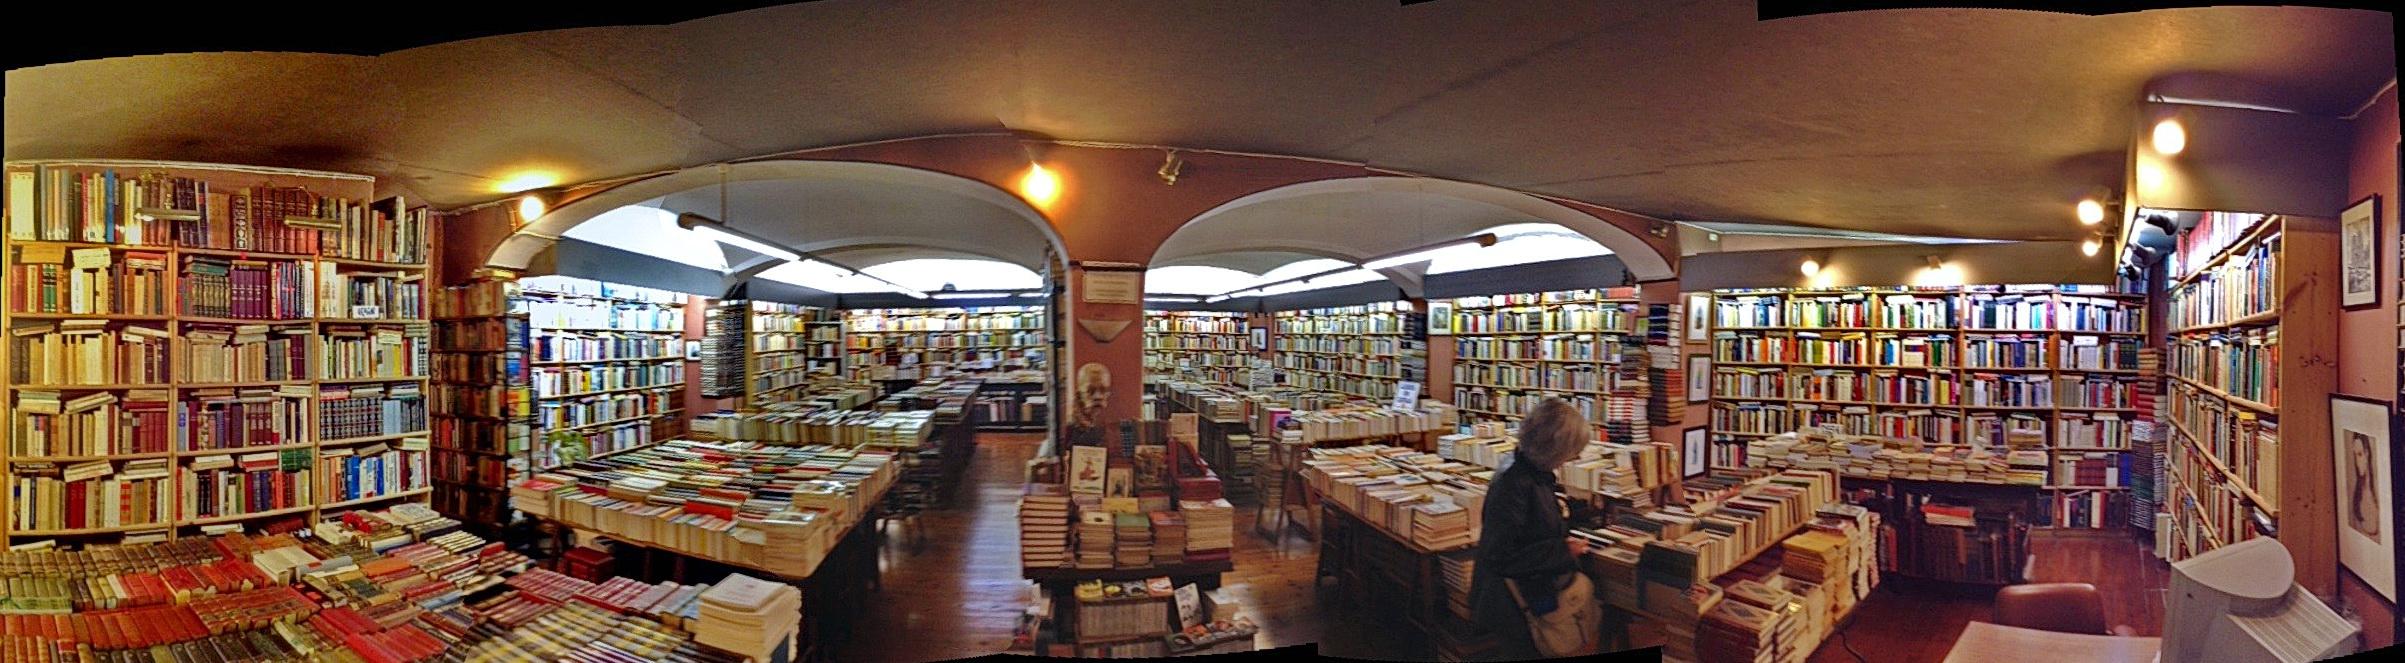 Librerías Llibreria_Canuda-cementirideLlibres_0138